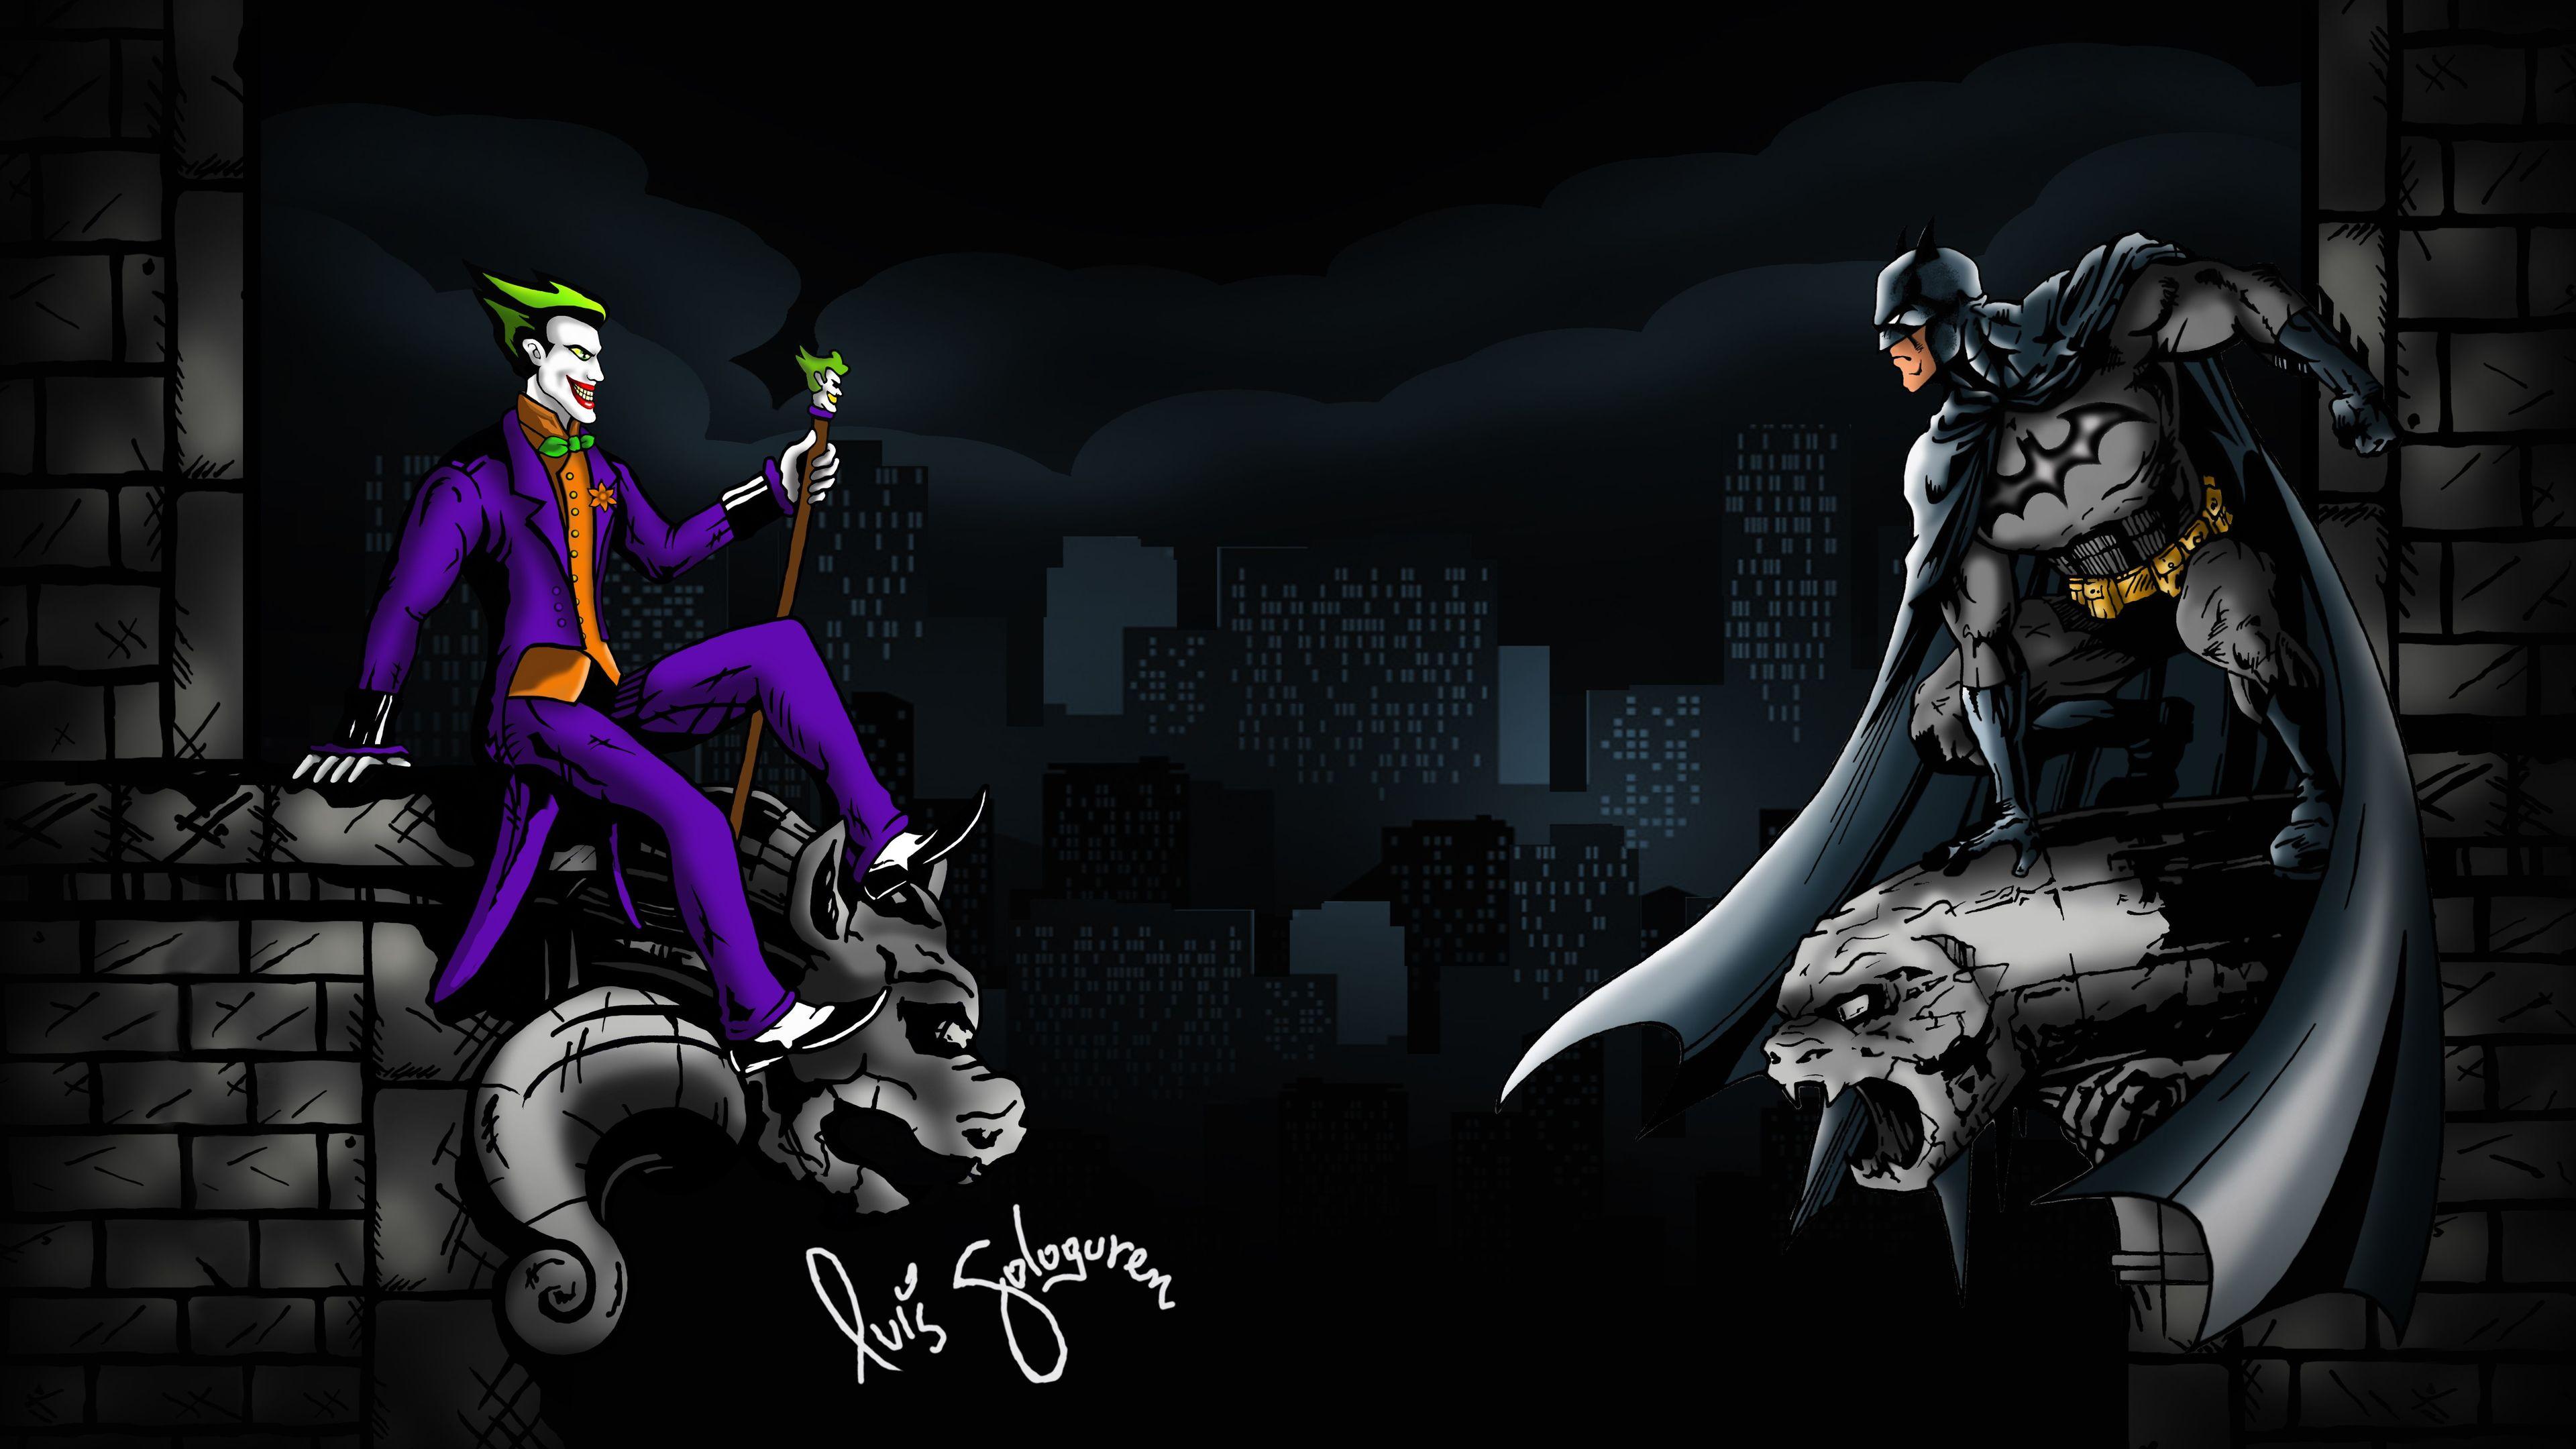 joker vs batman 5k 1538786503 - Joker Vs Batman 5k - supervillain wallpapers, superheroes wallpapers, joker wallpapers, hd-wallpapers, digital art wallpapers, batman wallpapers, artwork wallpapers, 5k wallpapers, 4k-wallpapers